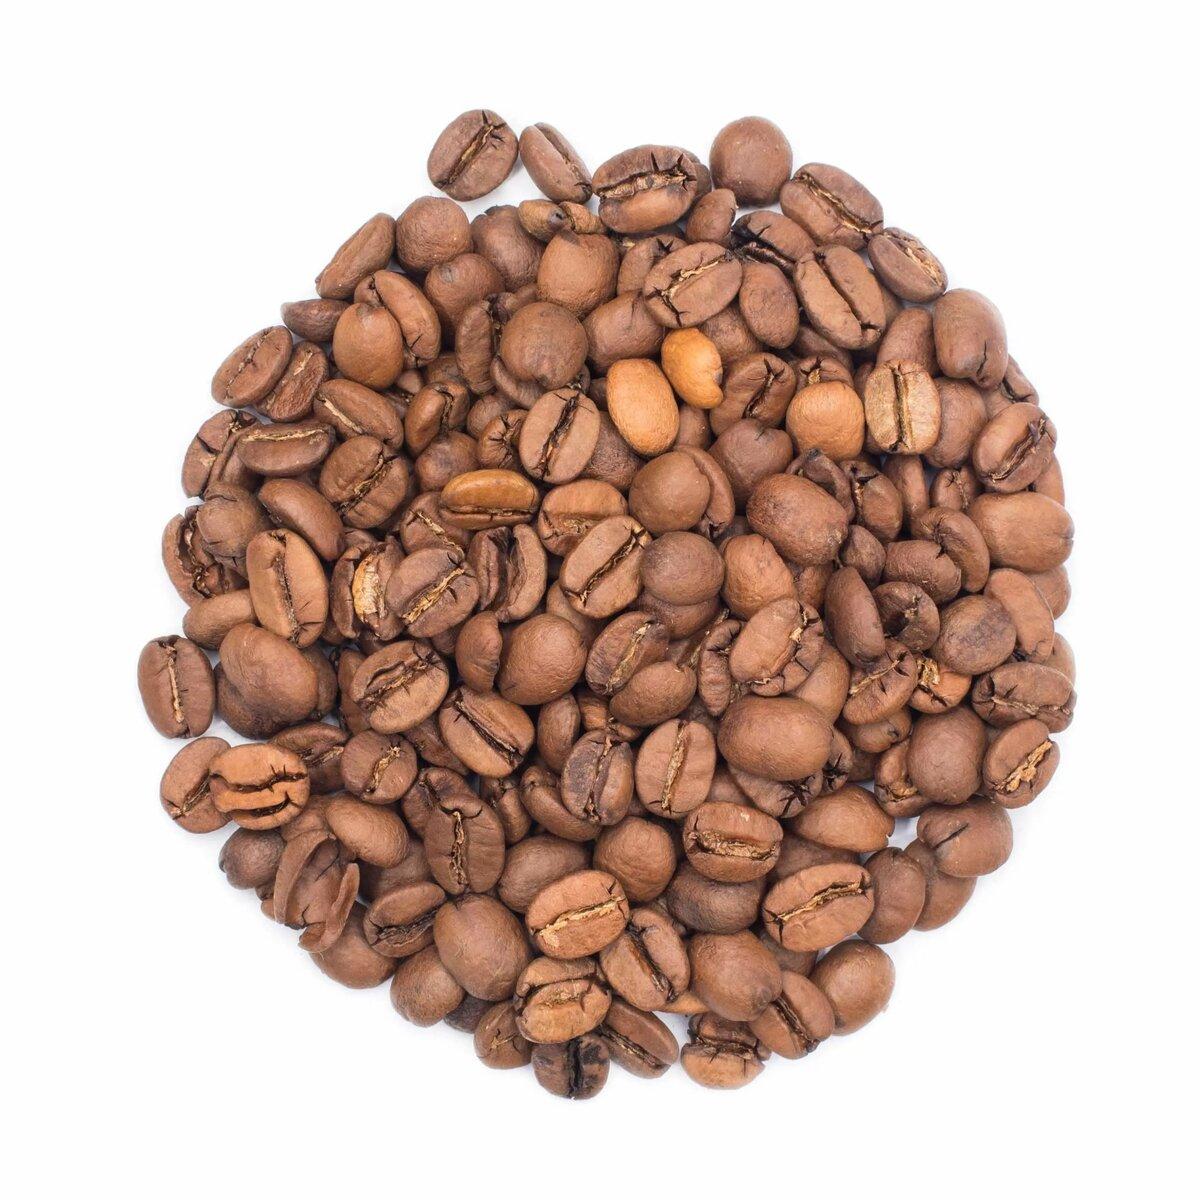 каждого фото кофе арабика и робуста комфортом седана можно